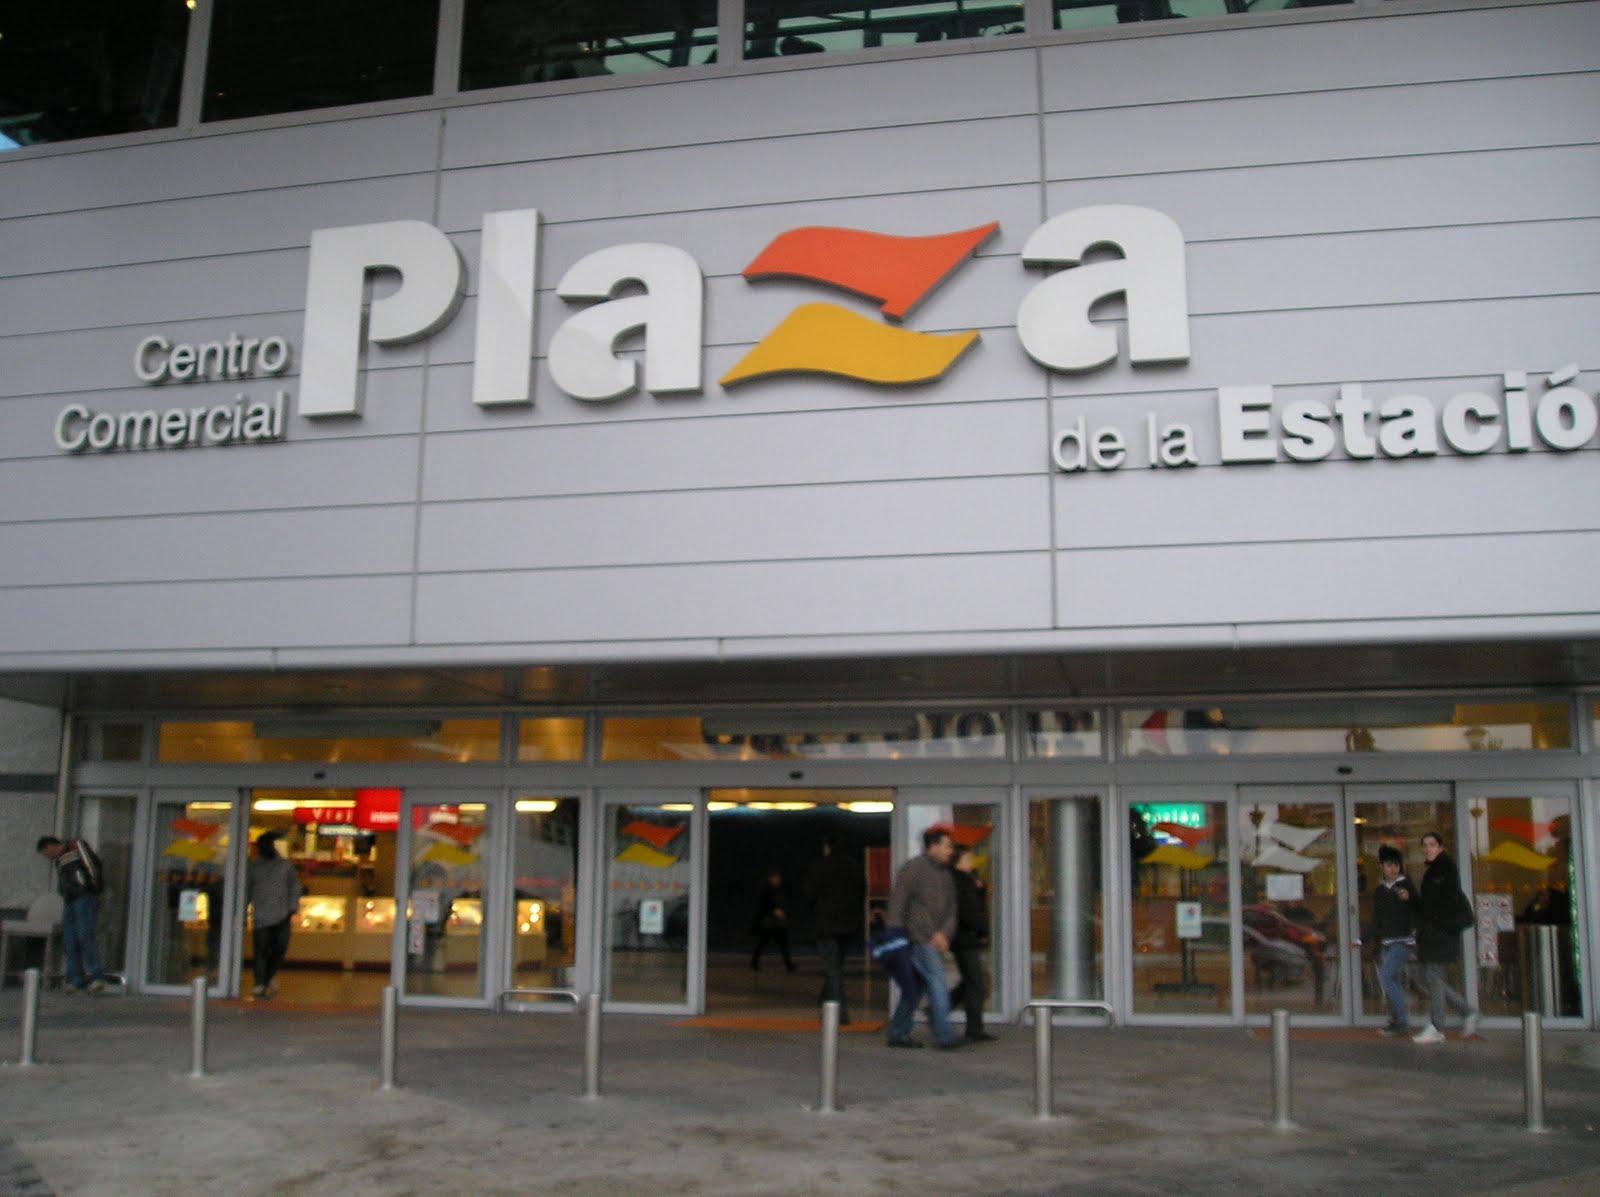 Fuenlataxia centro comercial plaza de la estaci n for Plaza de la estacion fuenlabrada